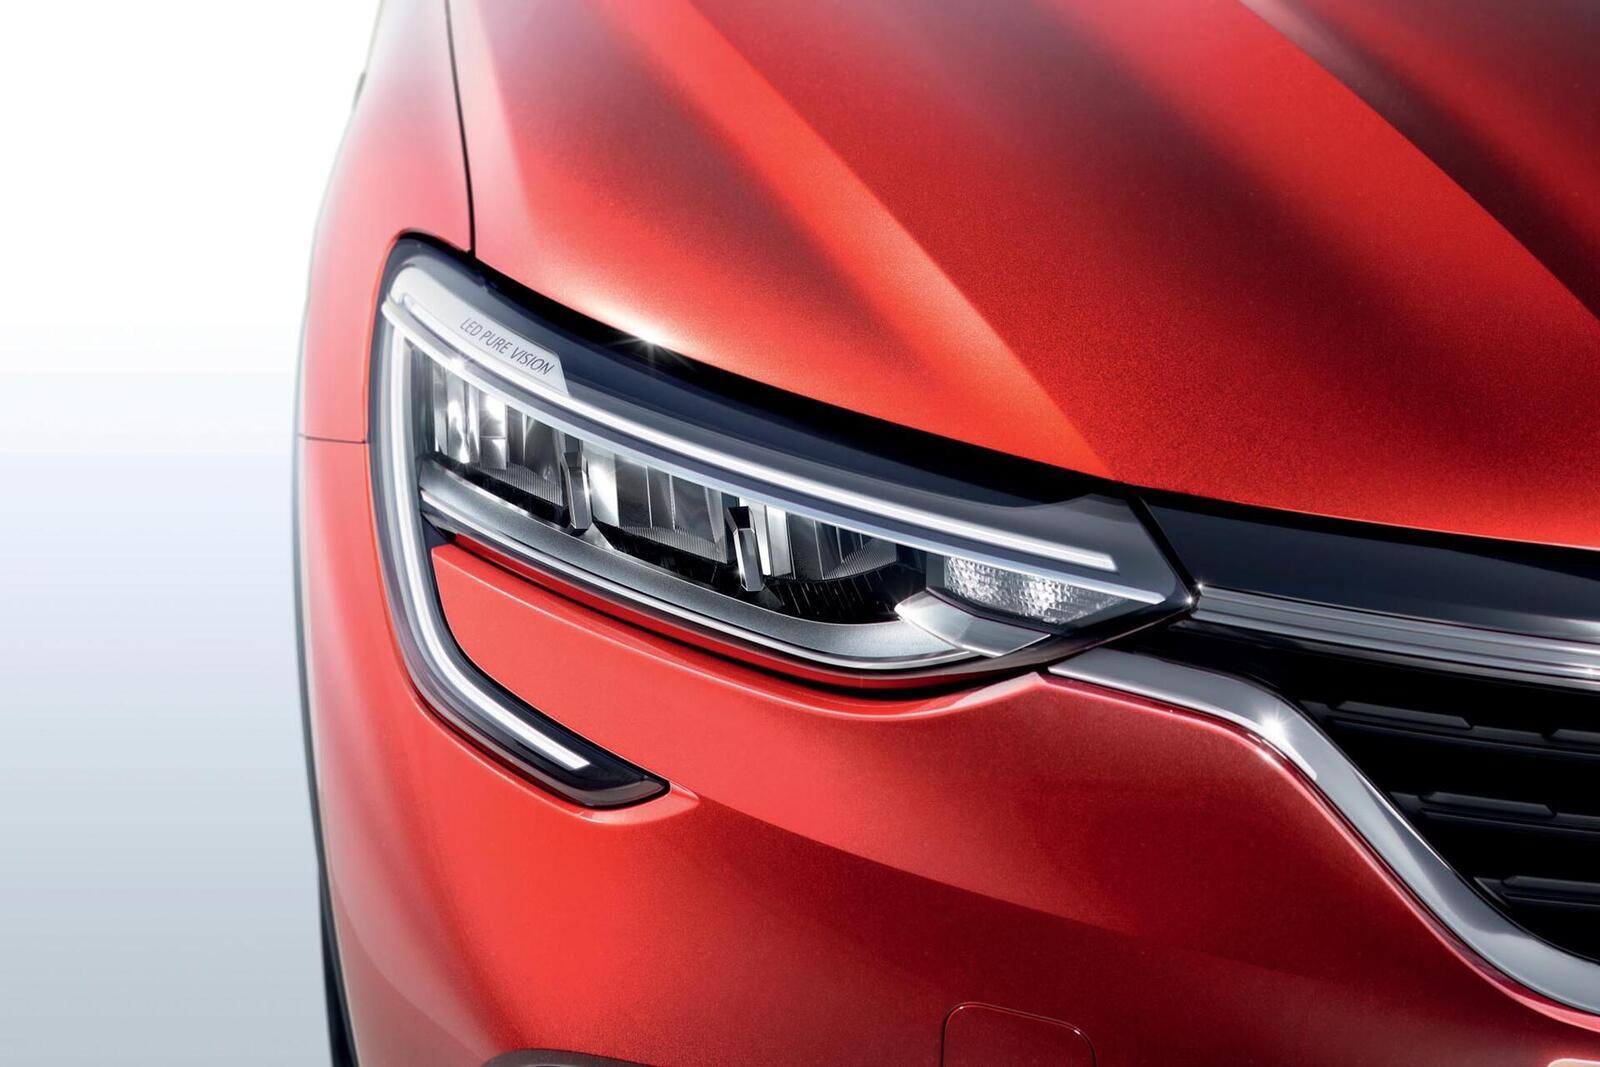 Renault giới thiệu Arkana mới: SUV Coupe mang thiết kế tương tự BMW X6 - Hình 4